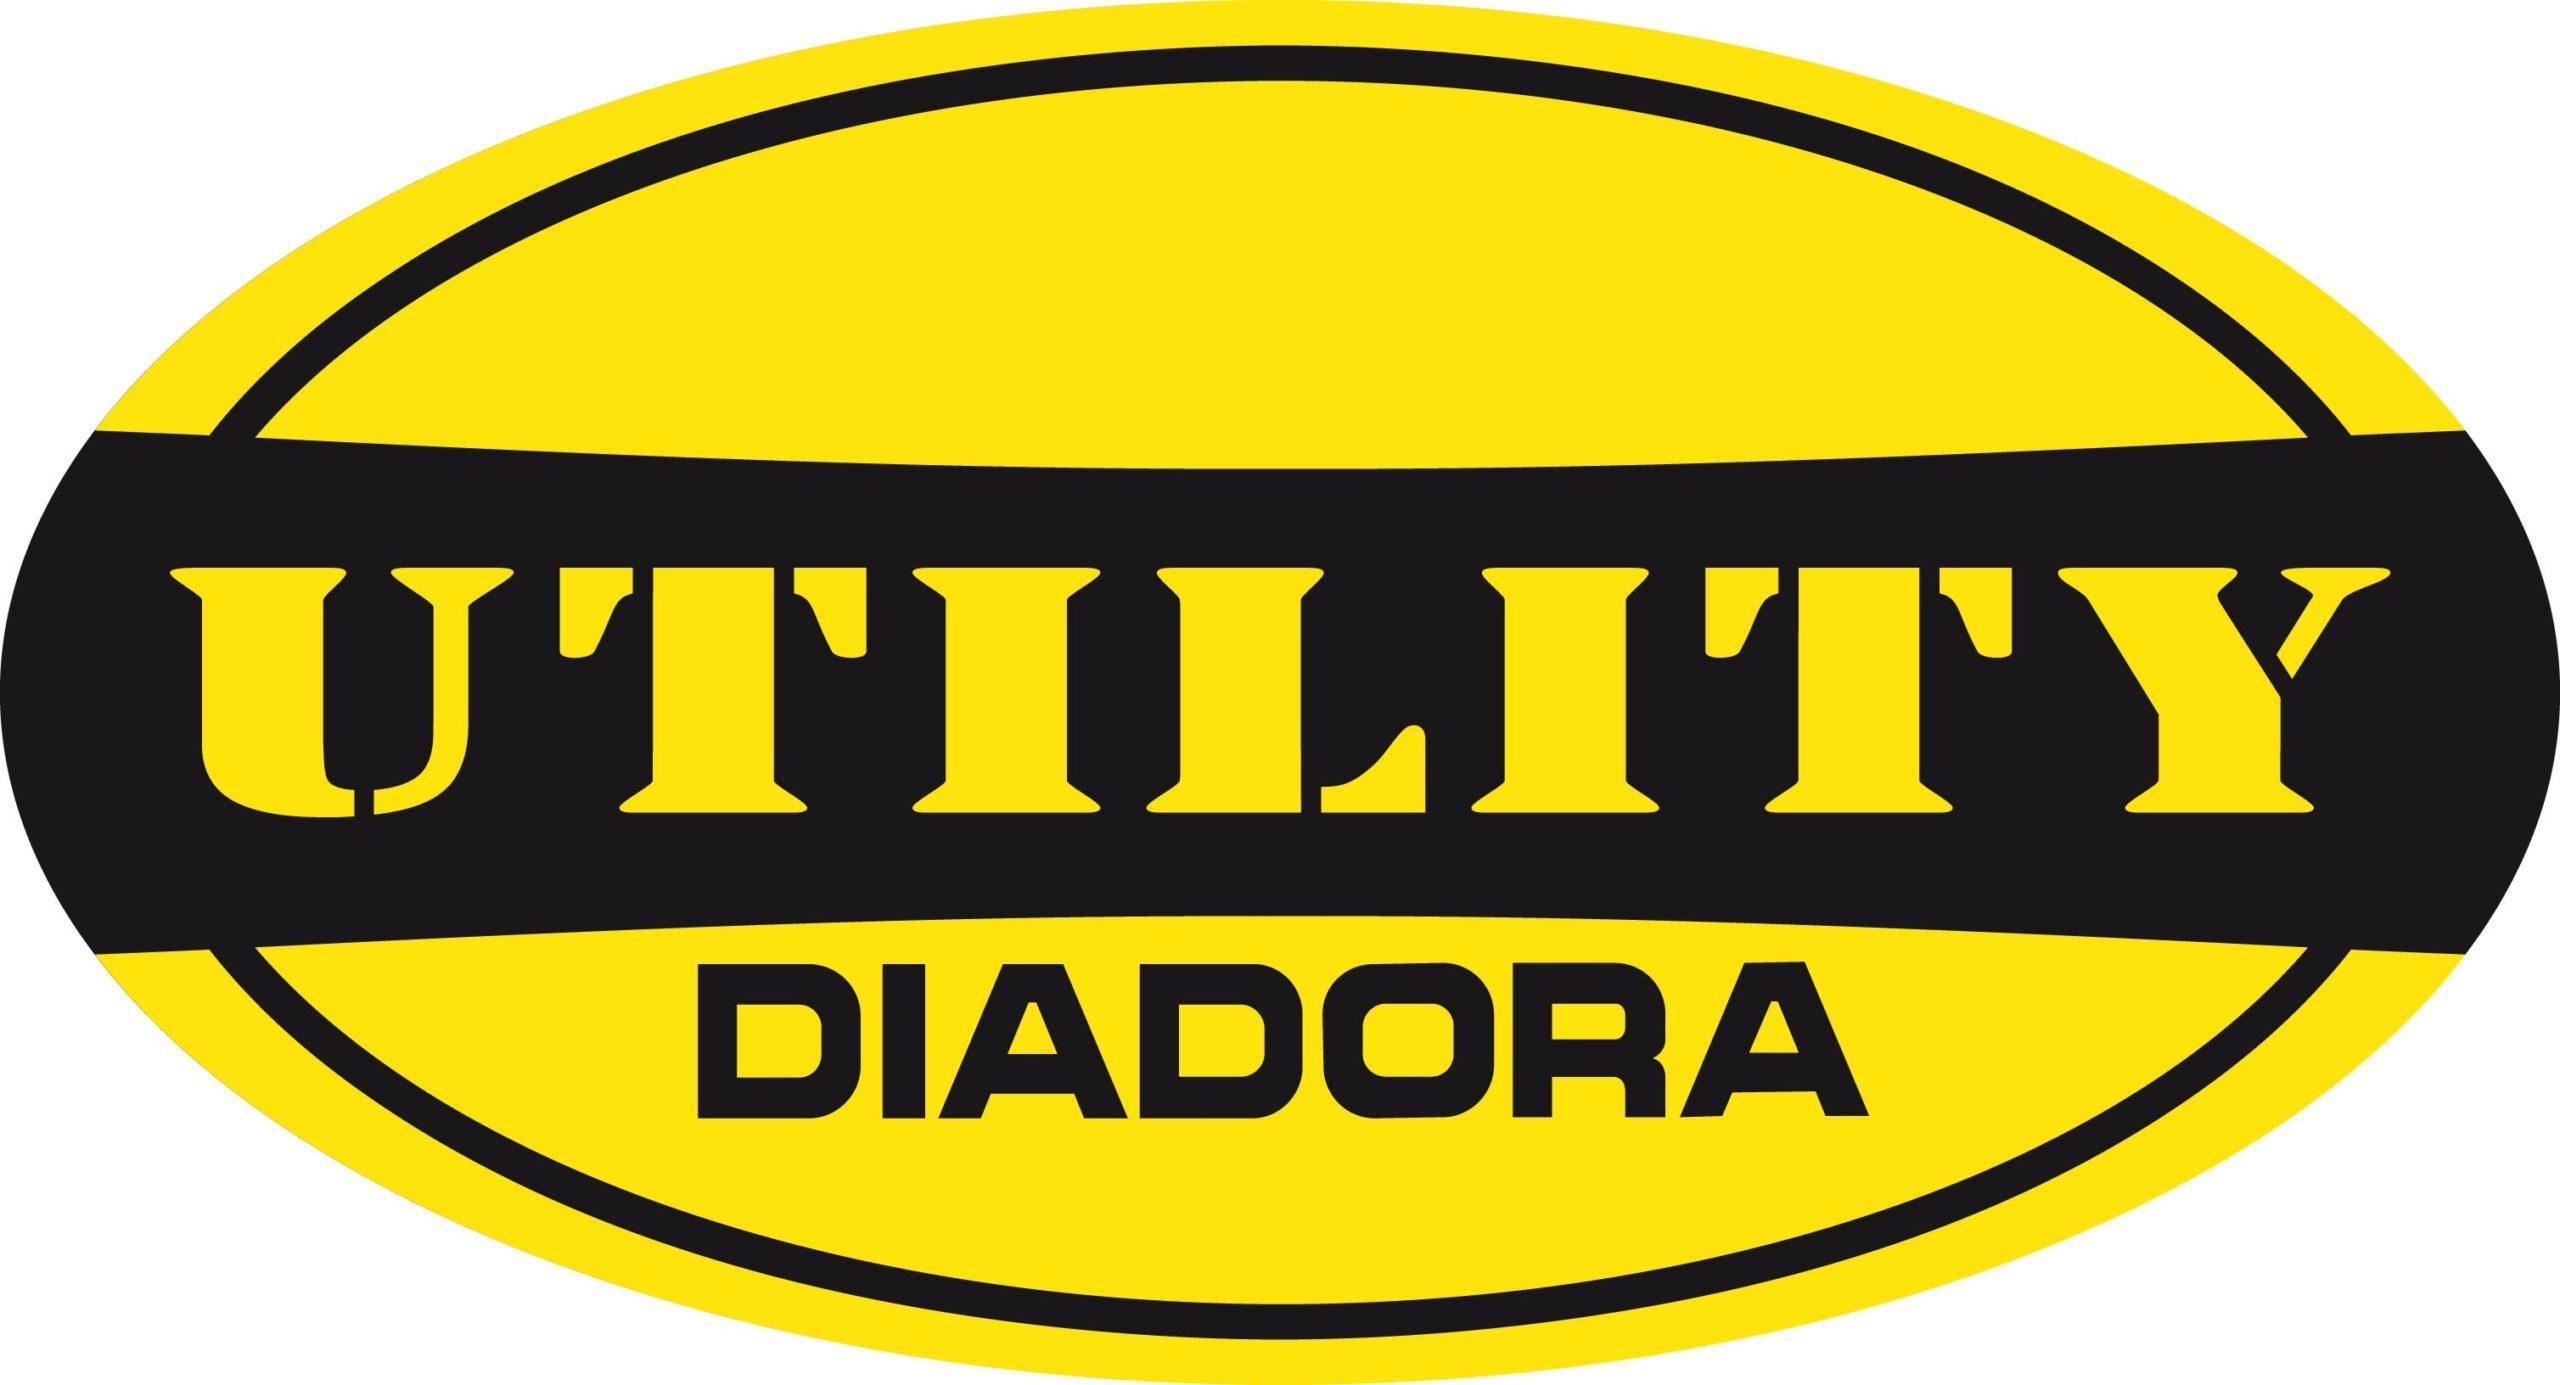 Diadora Utility